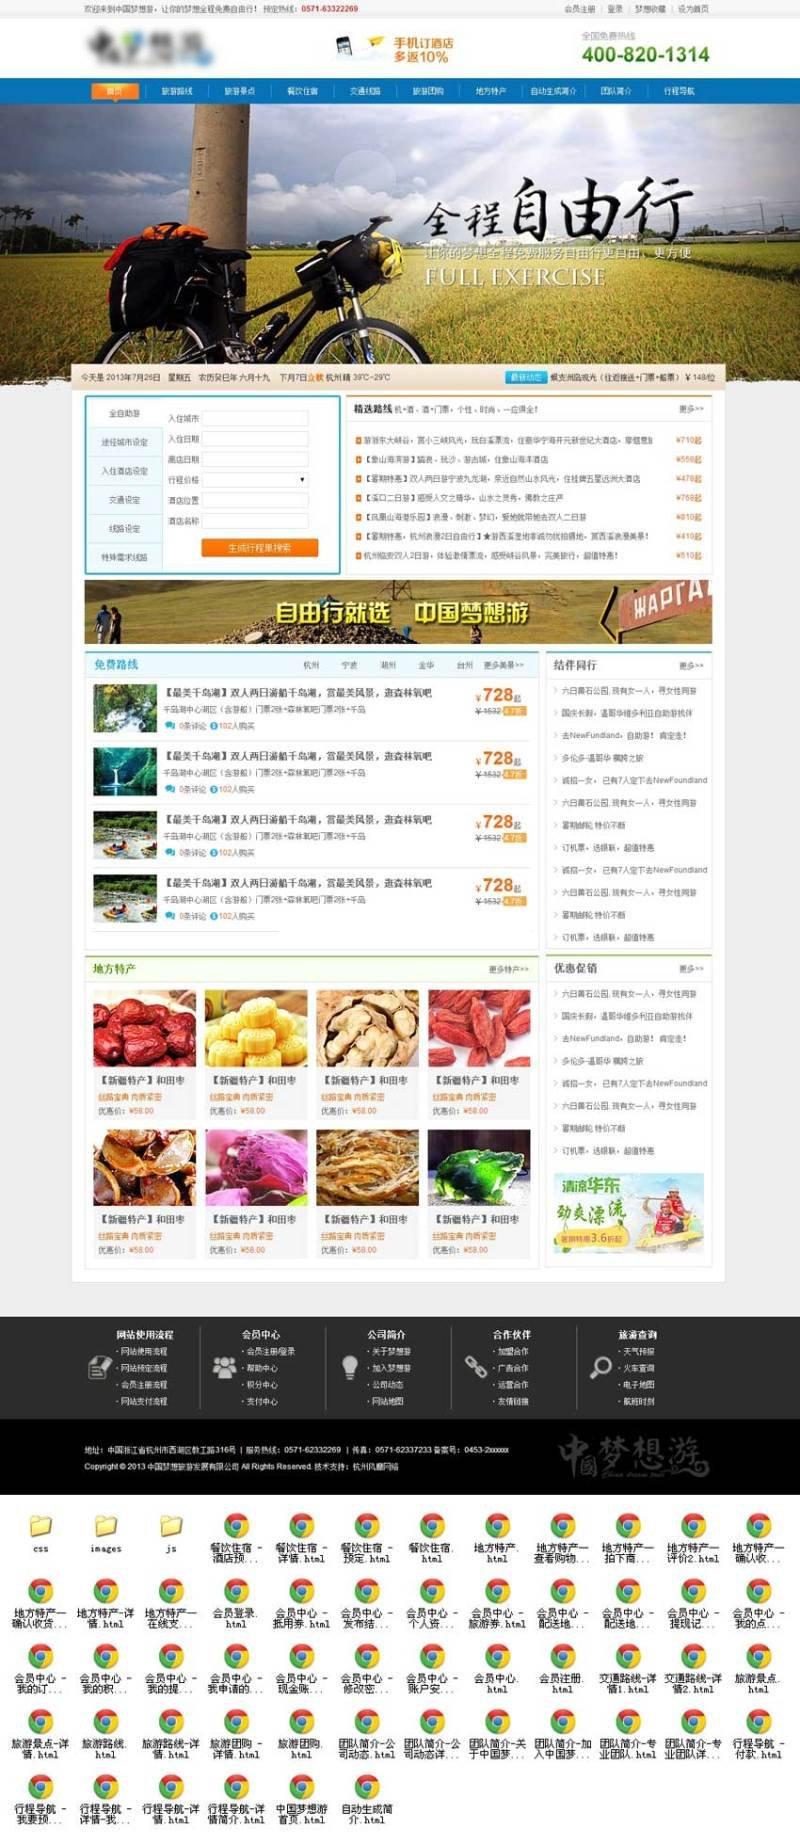 蓝色的中国梦想旅游门户网站模板全套